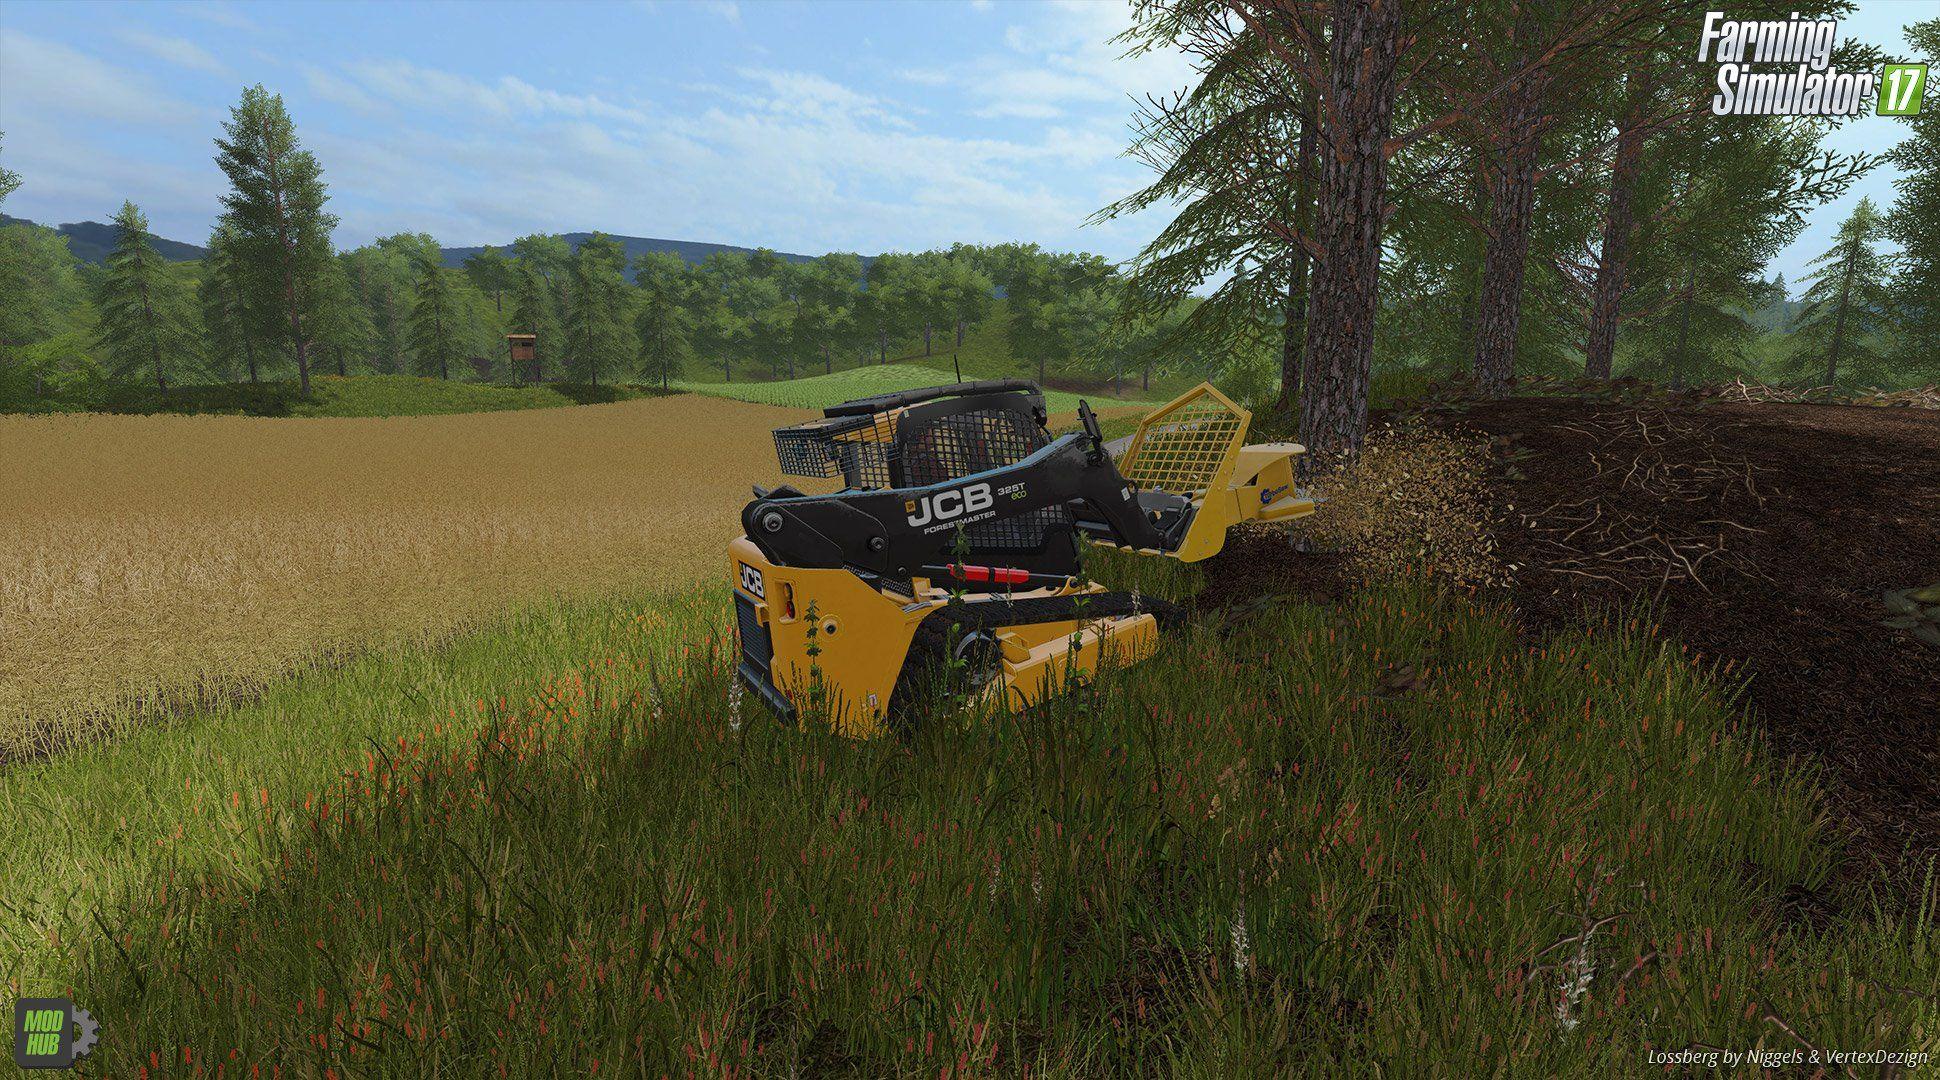 Allegro Ani Media Exper Nie Daje Nic Za Darmo Wiec Za Darmo Mozna Sciagnaac Wersje Demo Oraz Spolszczenie Google Http T Farming Simulator Simulation Farm